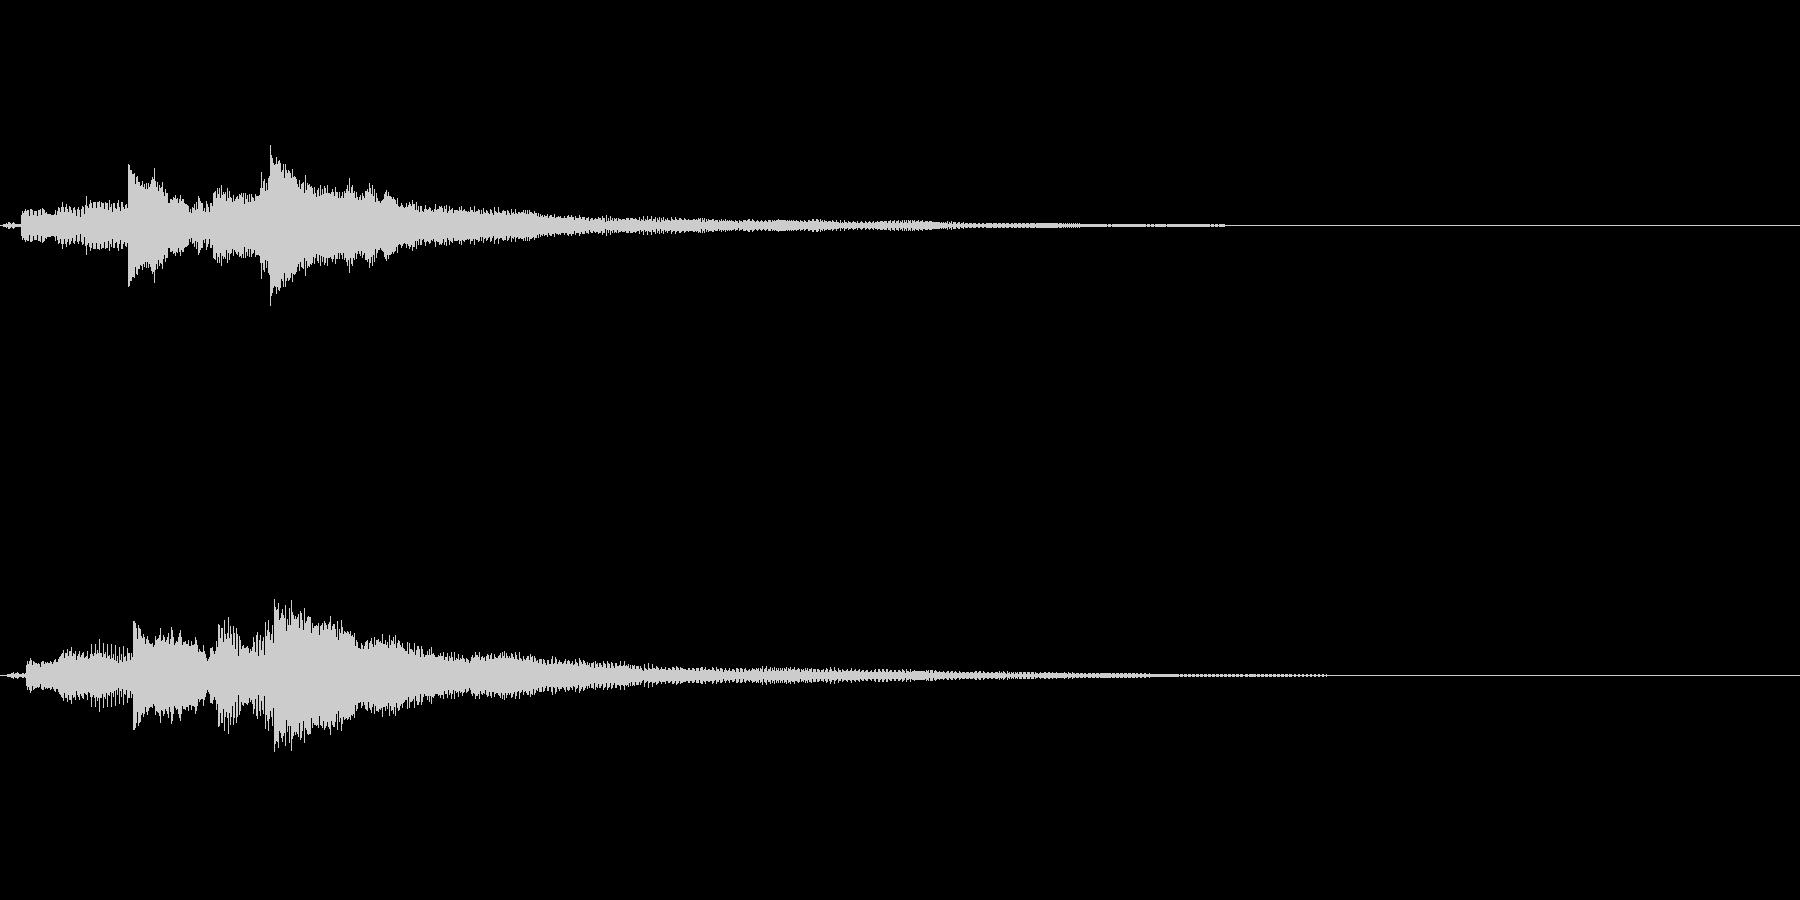 優しい音色のギターサウンドロゴの未再生の波形